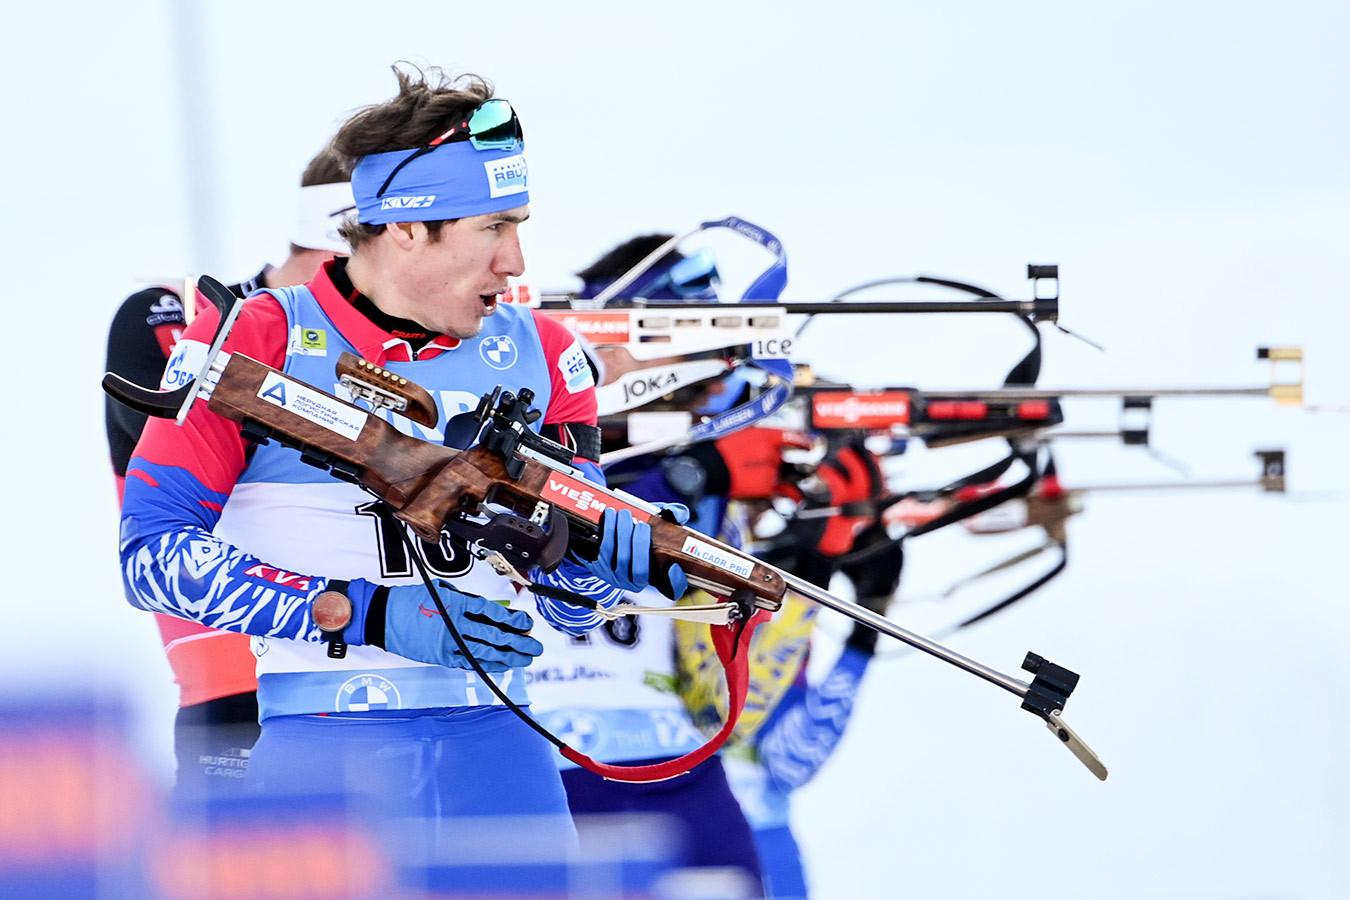 «Идеальная гонка, кроме одного рубежа». Латыпов — о серебре в масс-старте в финале КМ